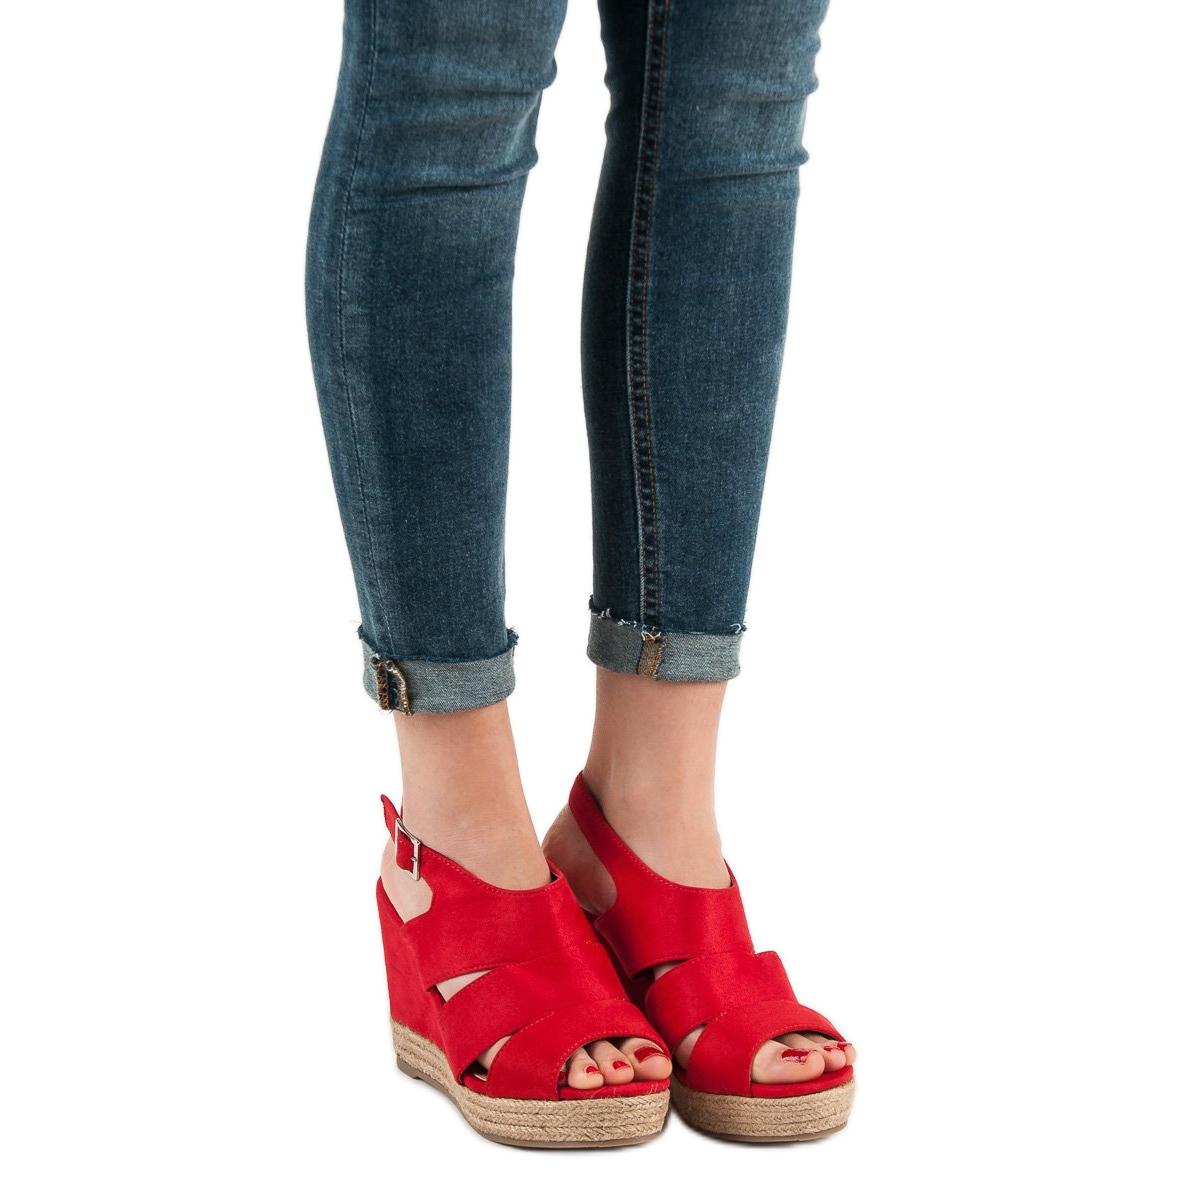 pl Alpargatas Sandalias De Best Rojo Rojas Butymodne Shoes shQtrCxBd